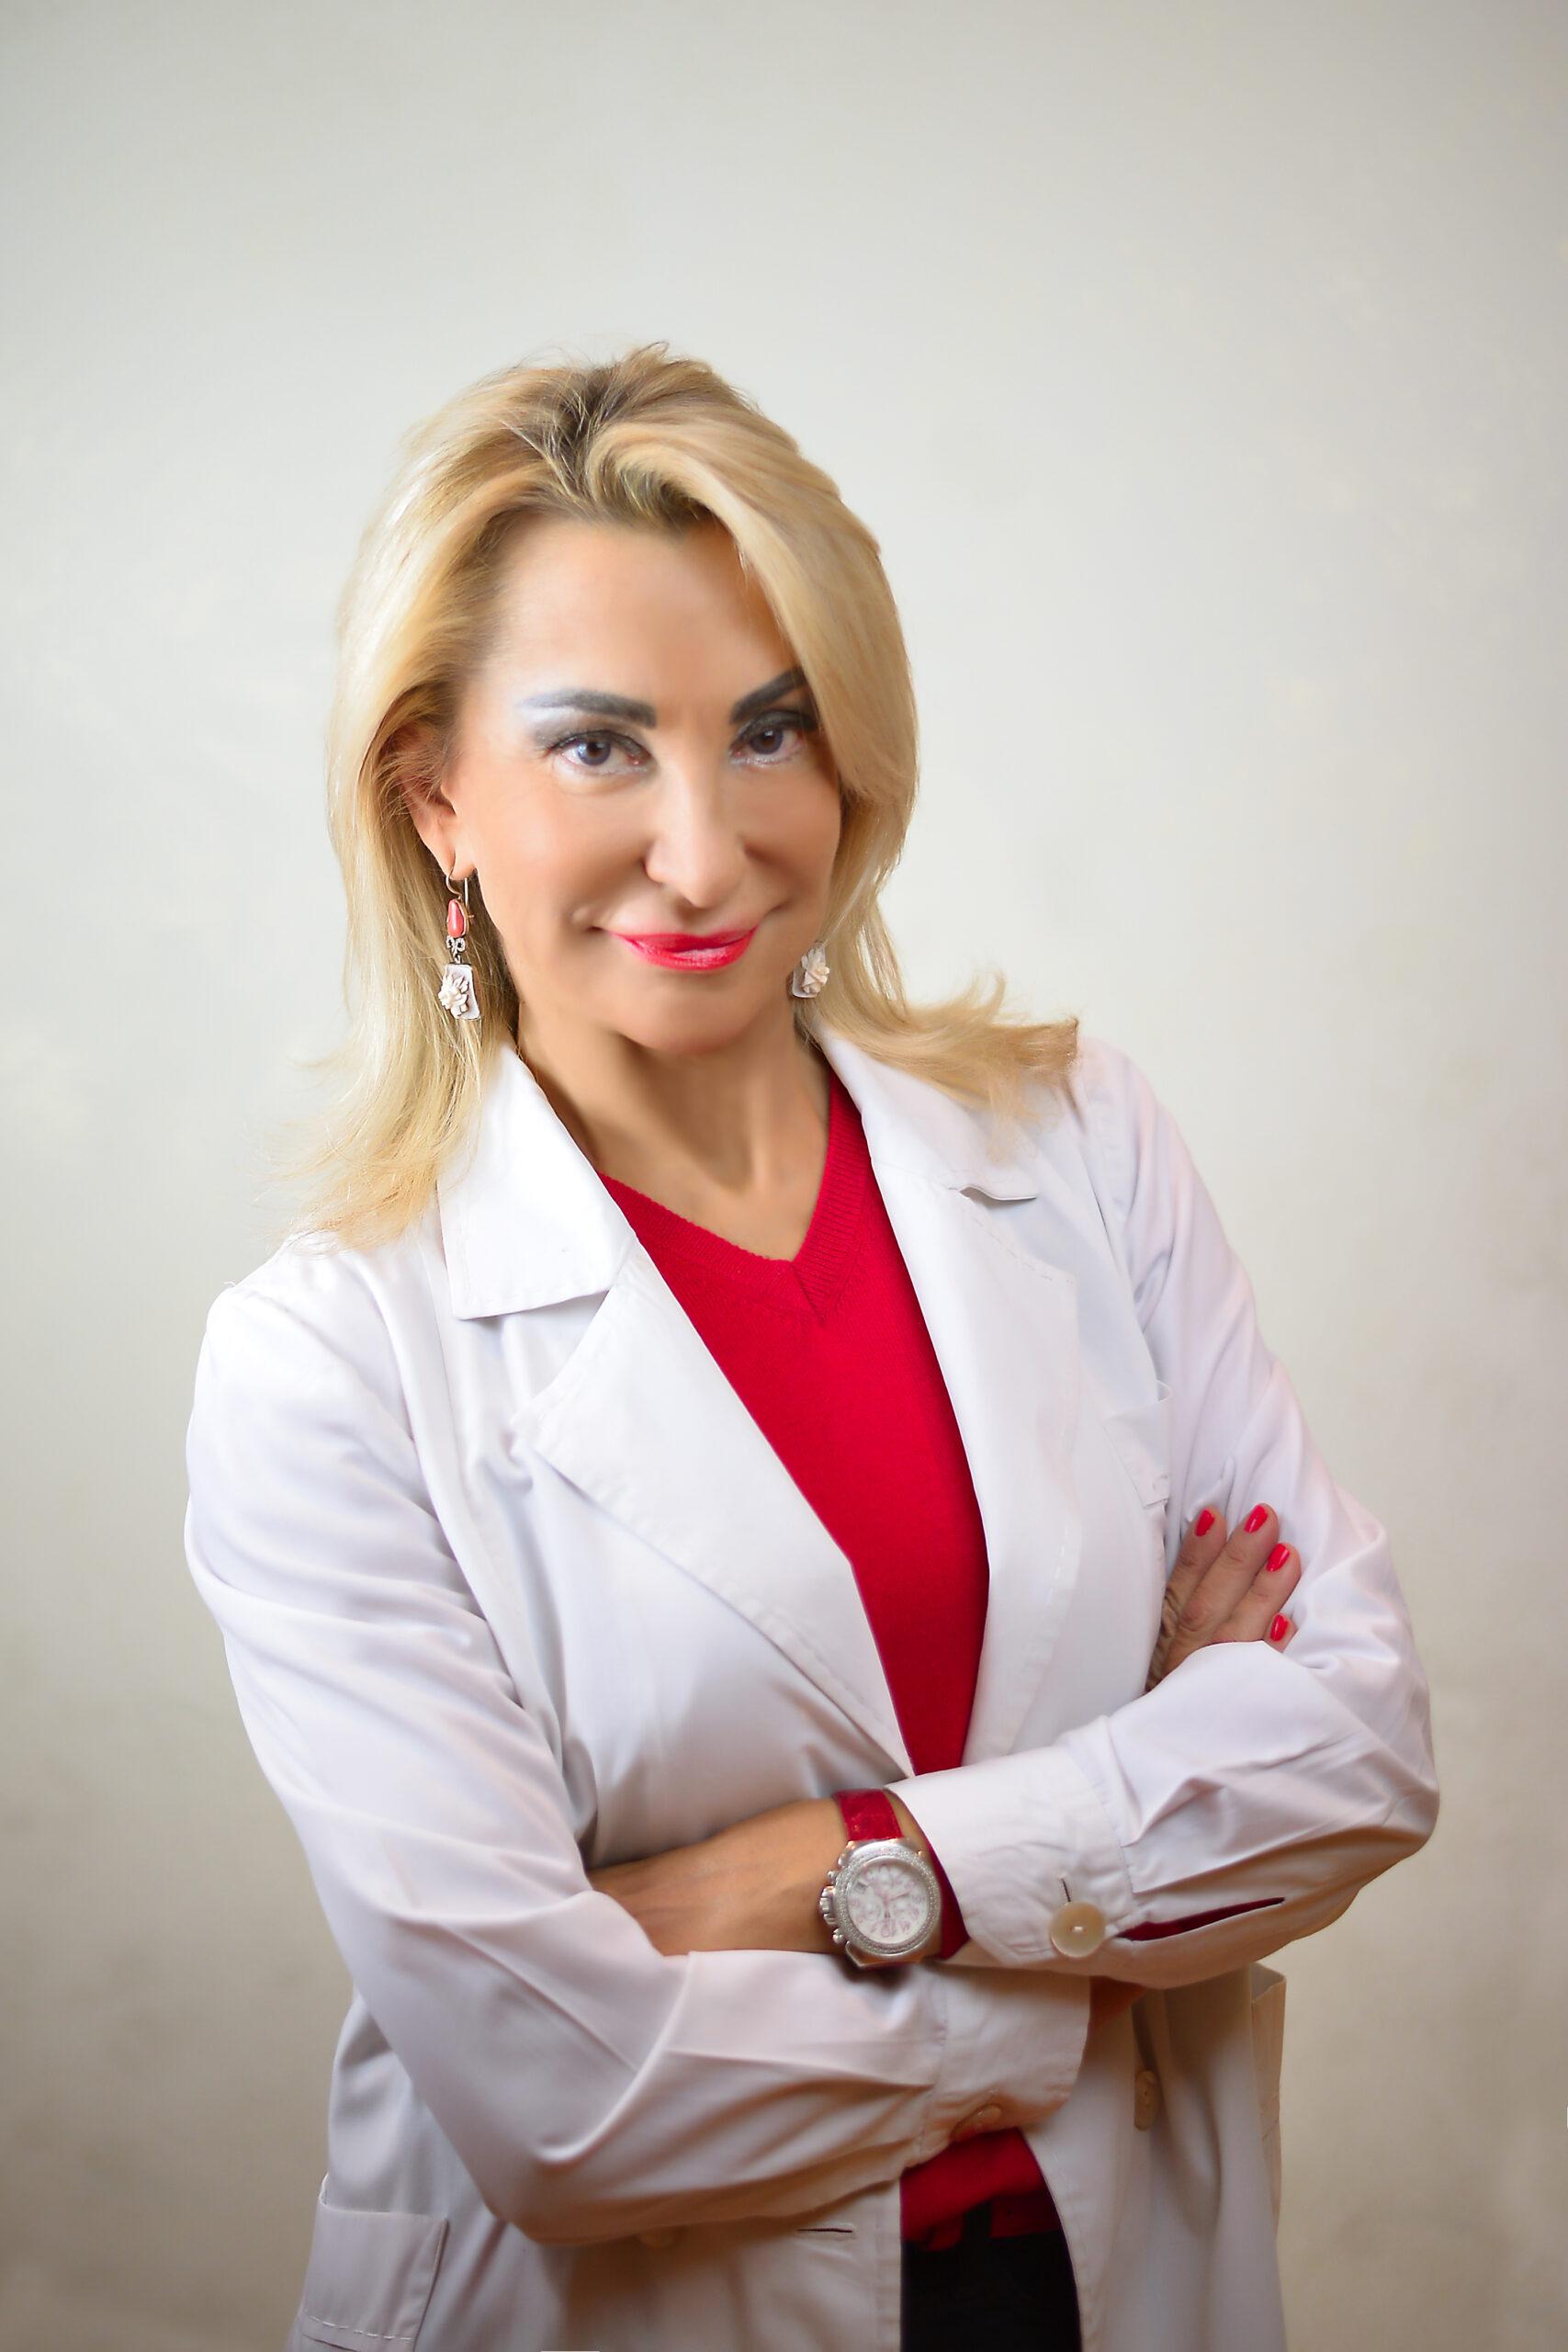 Prof. Dr. MARIA CORGNA